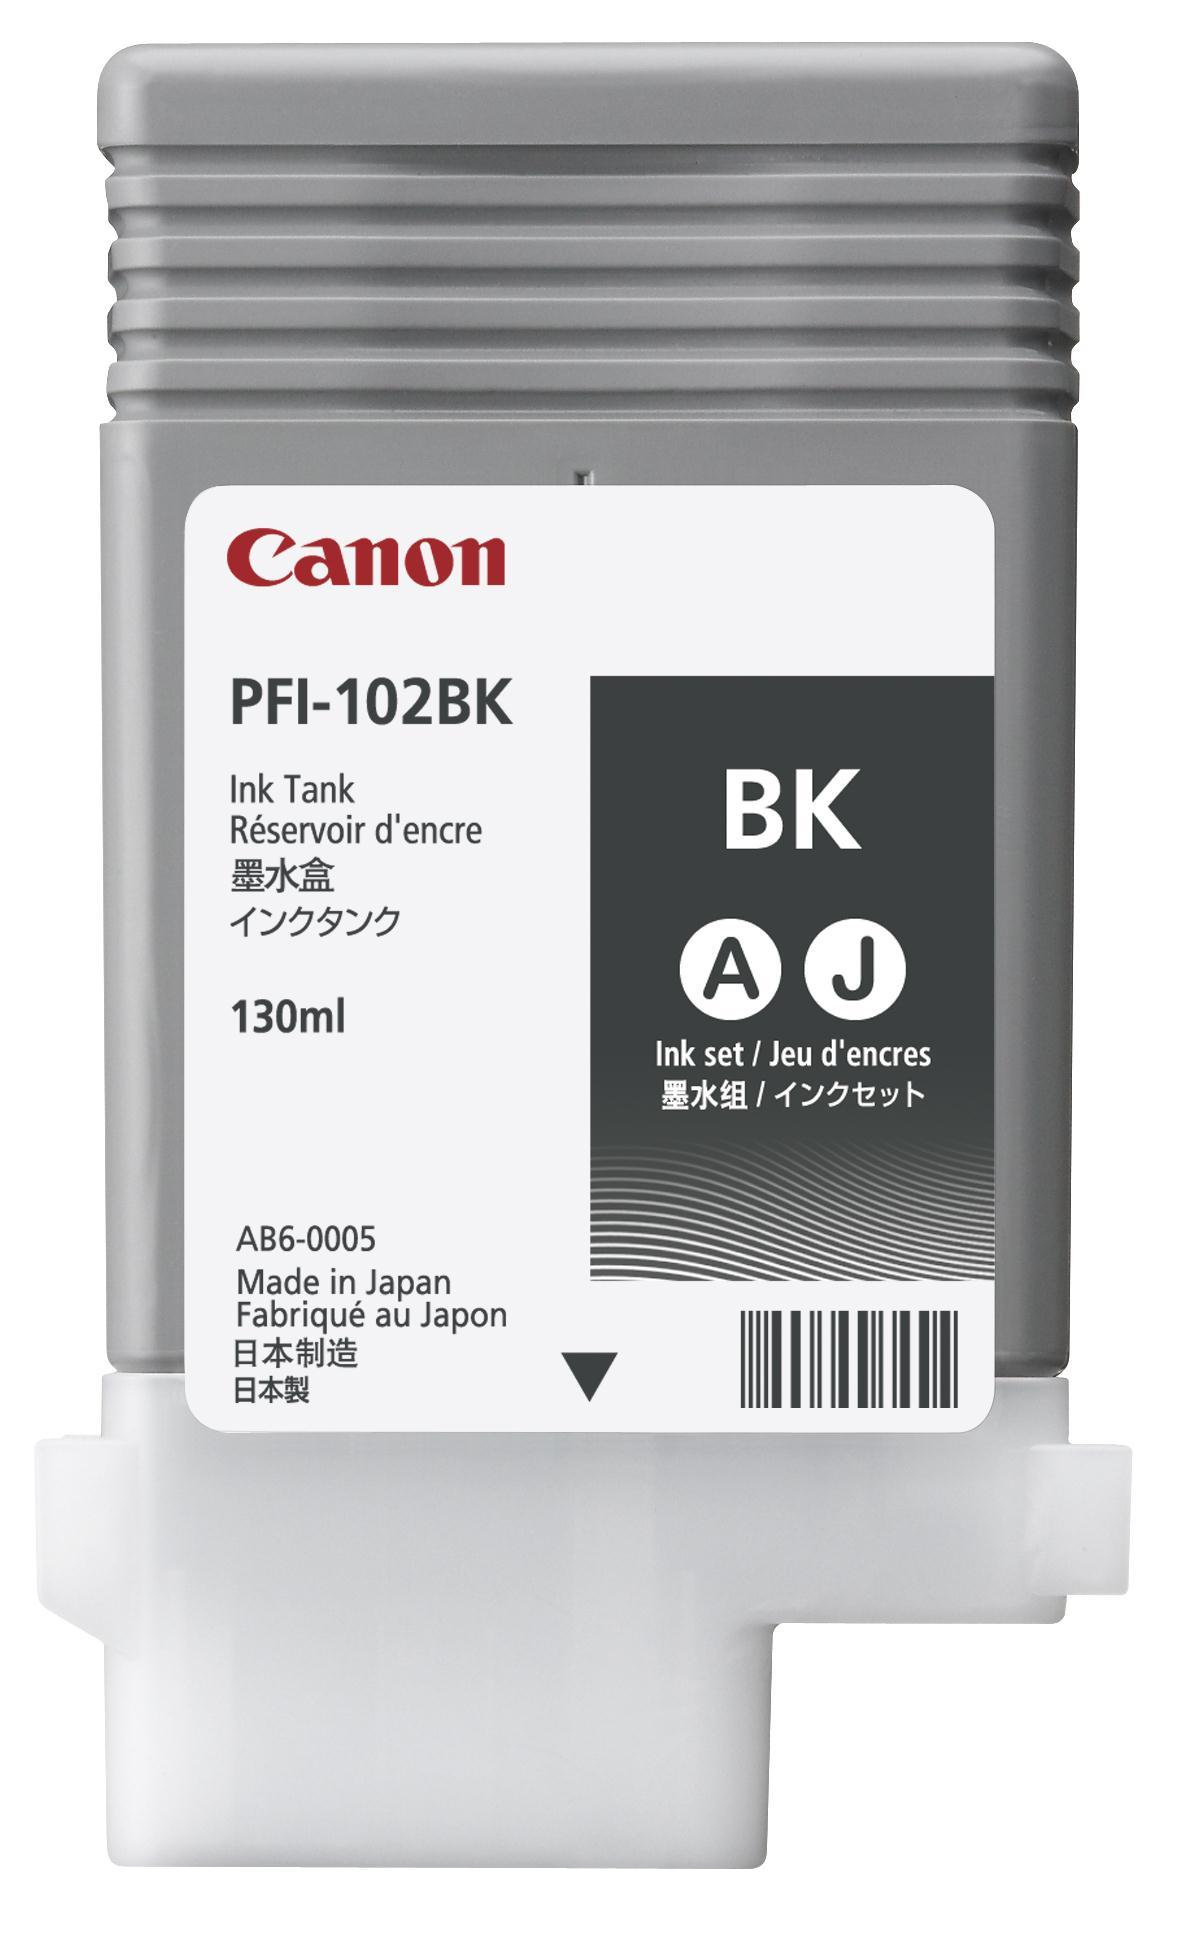 Canon PFI-102BK Ink Tank 130ml Black Ref 0895B001AA